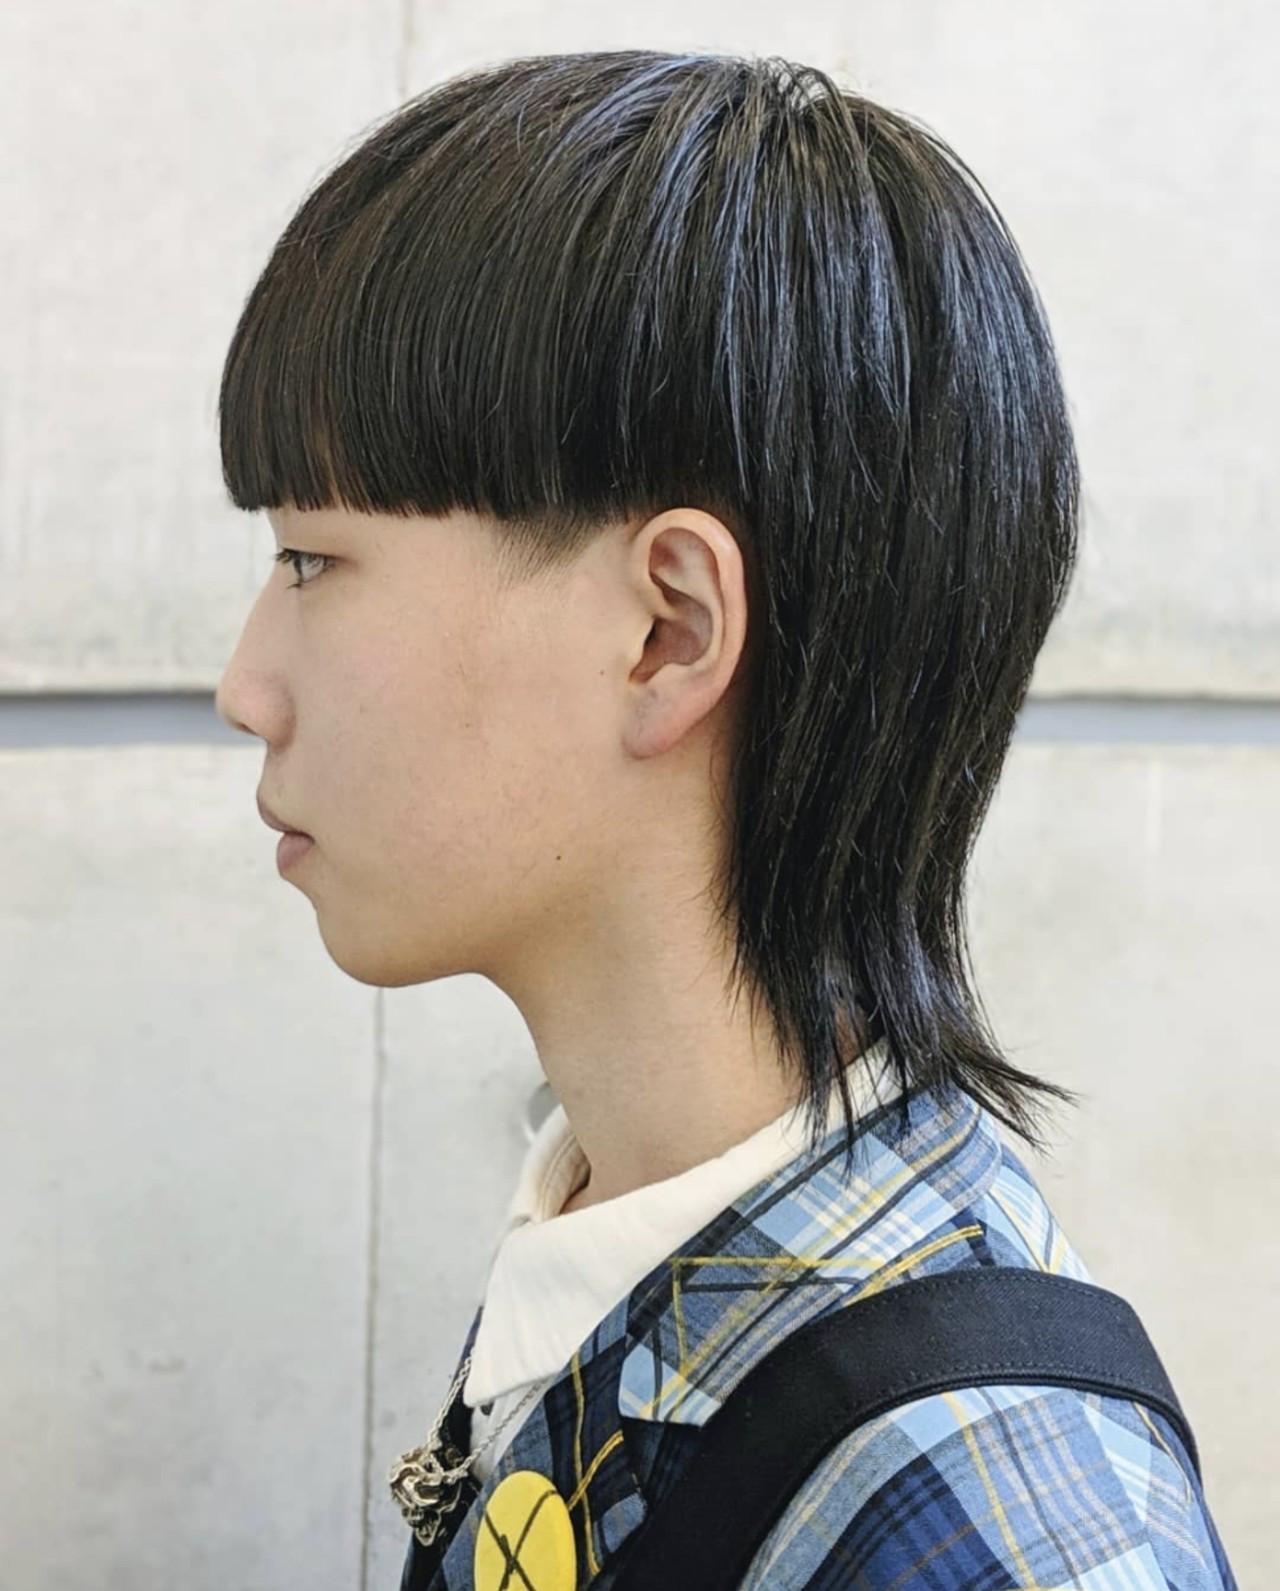 メンズショート マッシュウルフ ショート メンズヘア ヘアスタイルや髪型の写真・画像